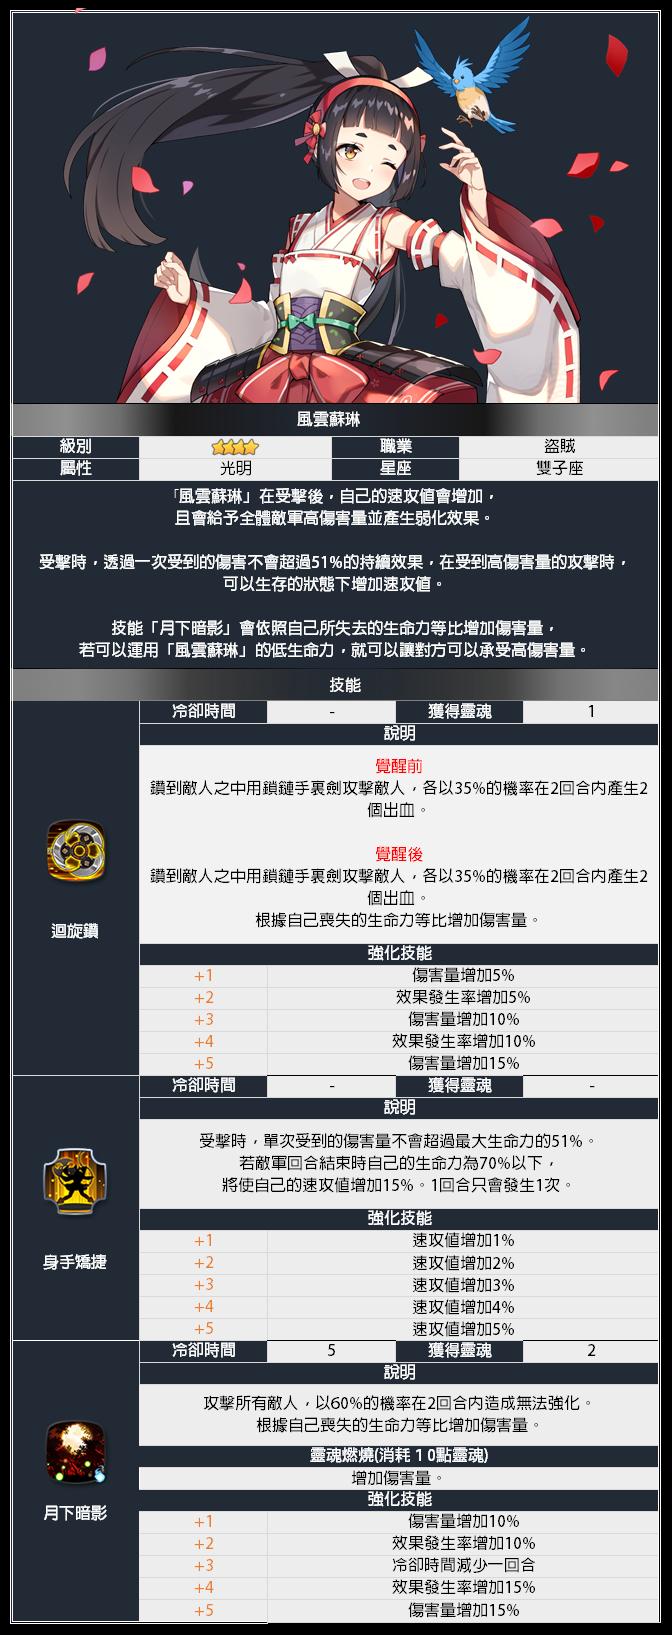 2月20更新资讯